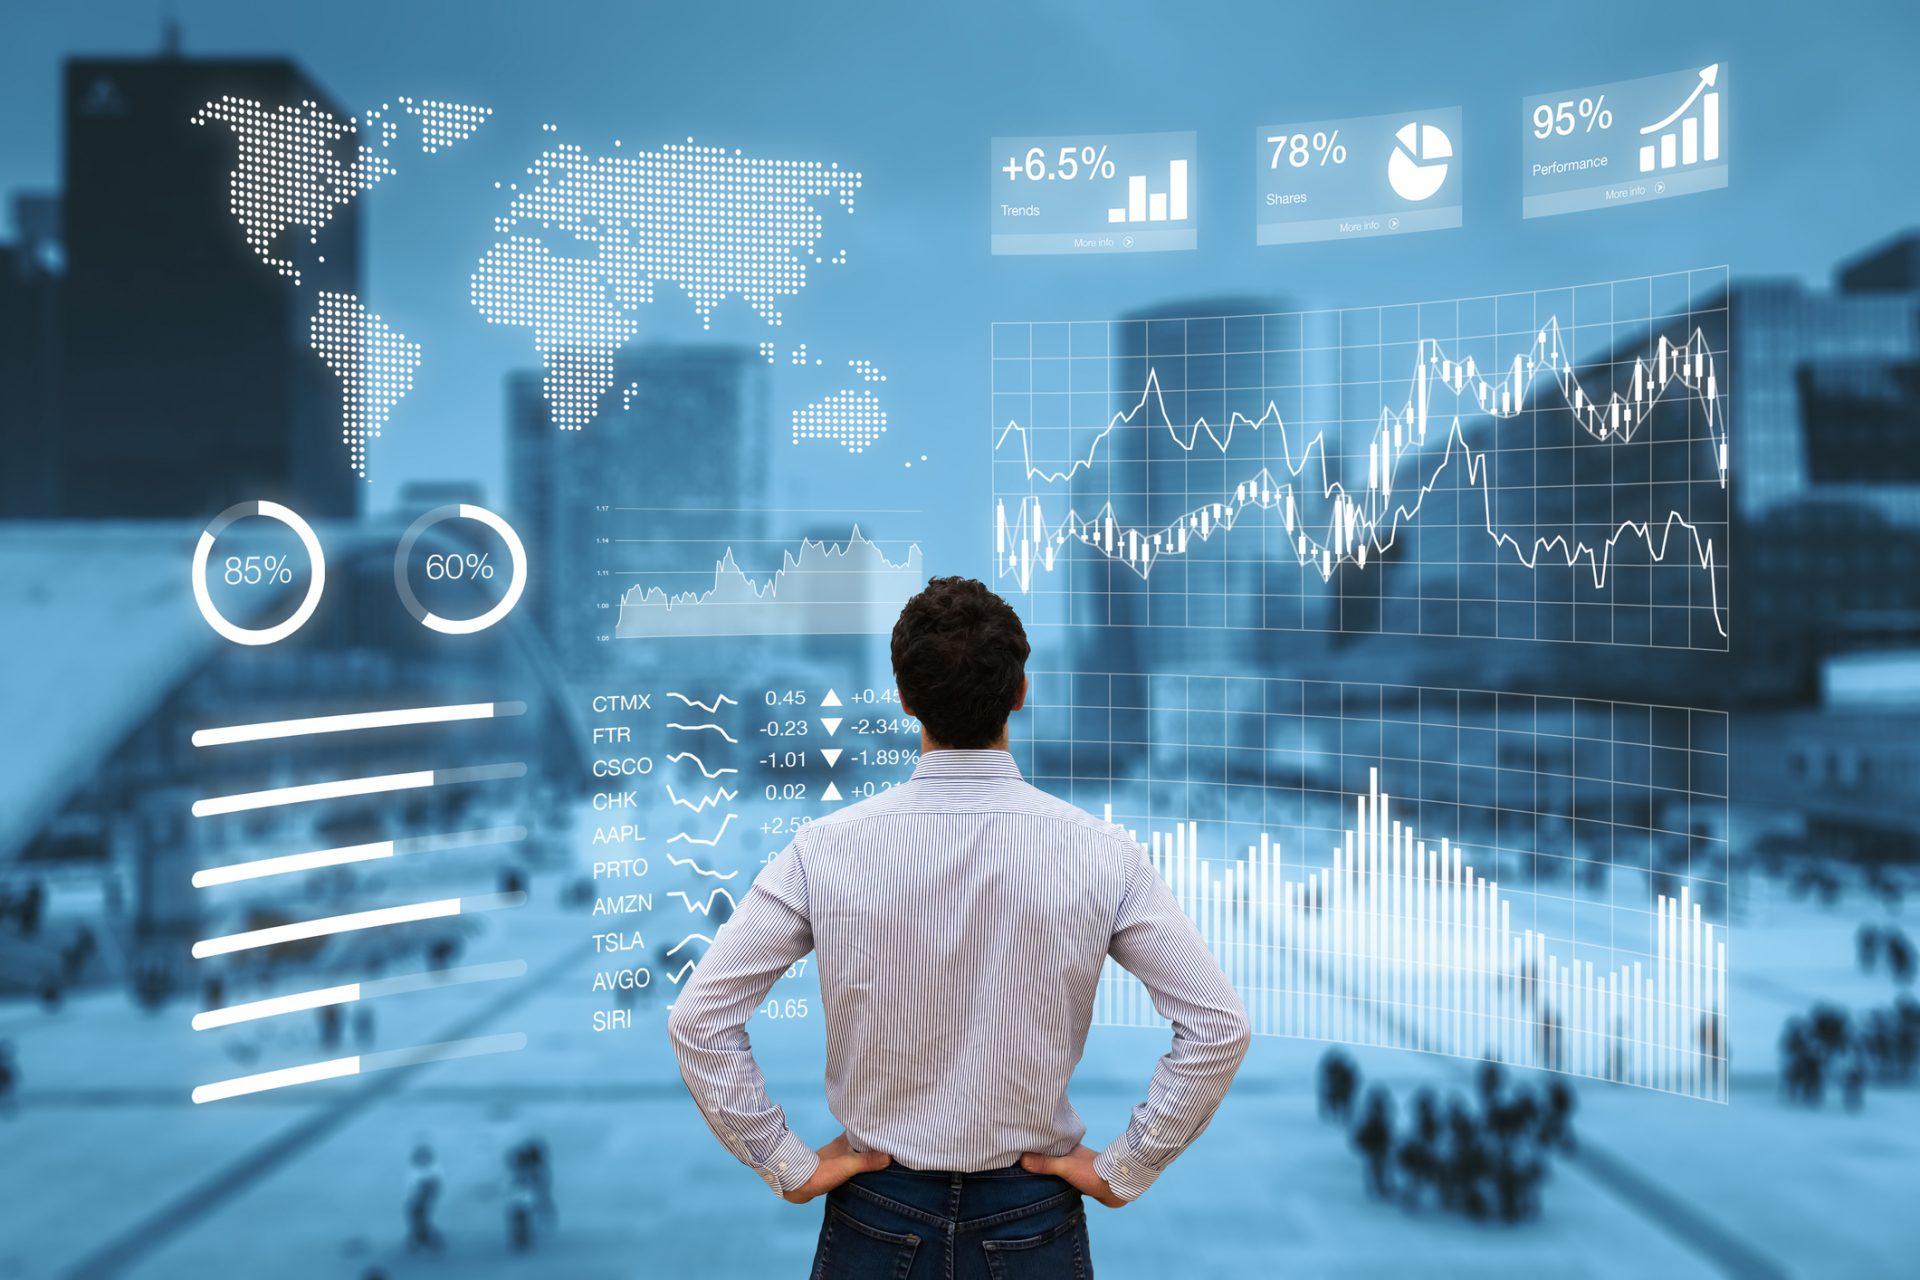 علم اقتصاد و تجارت از دیدگاه آدام اسمیت